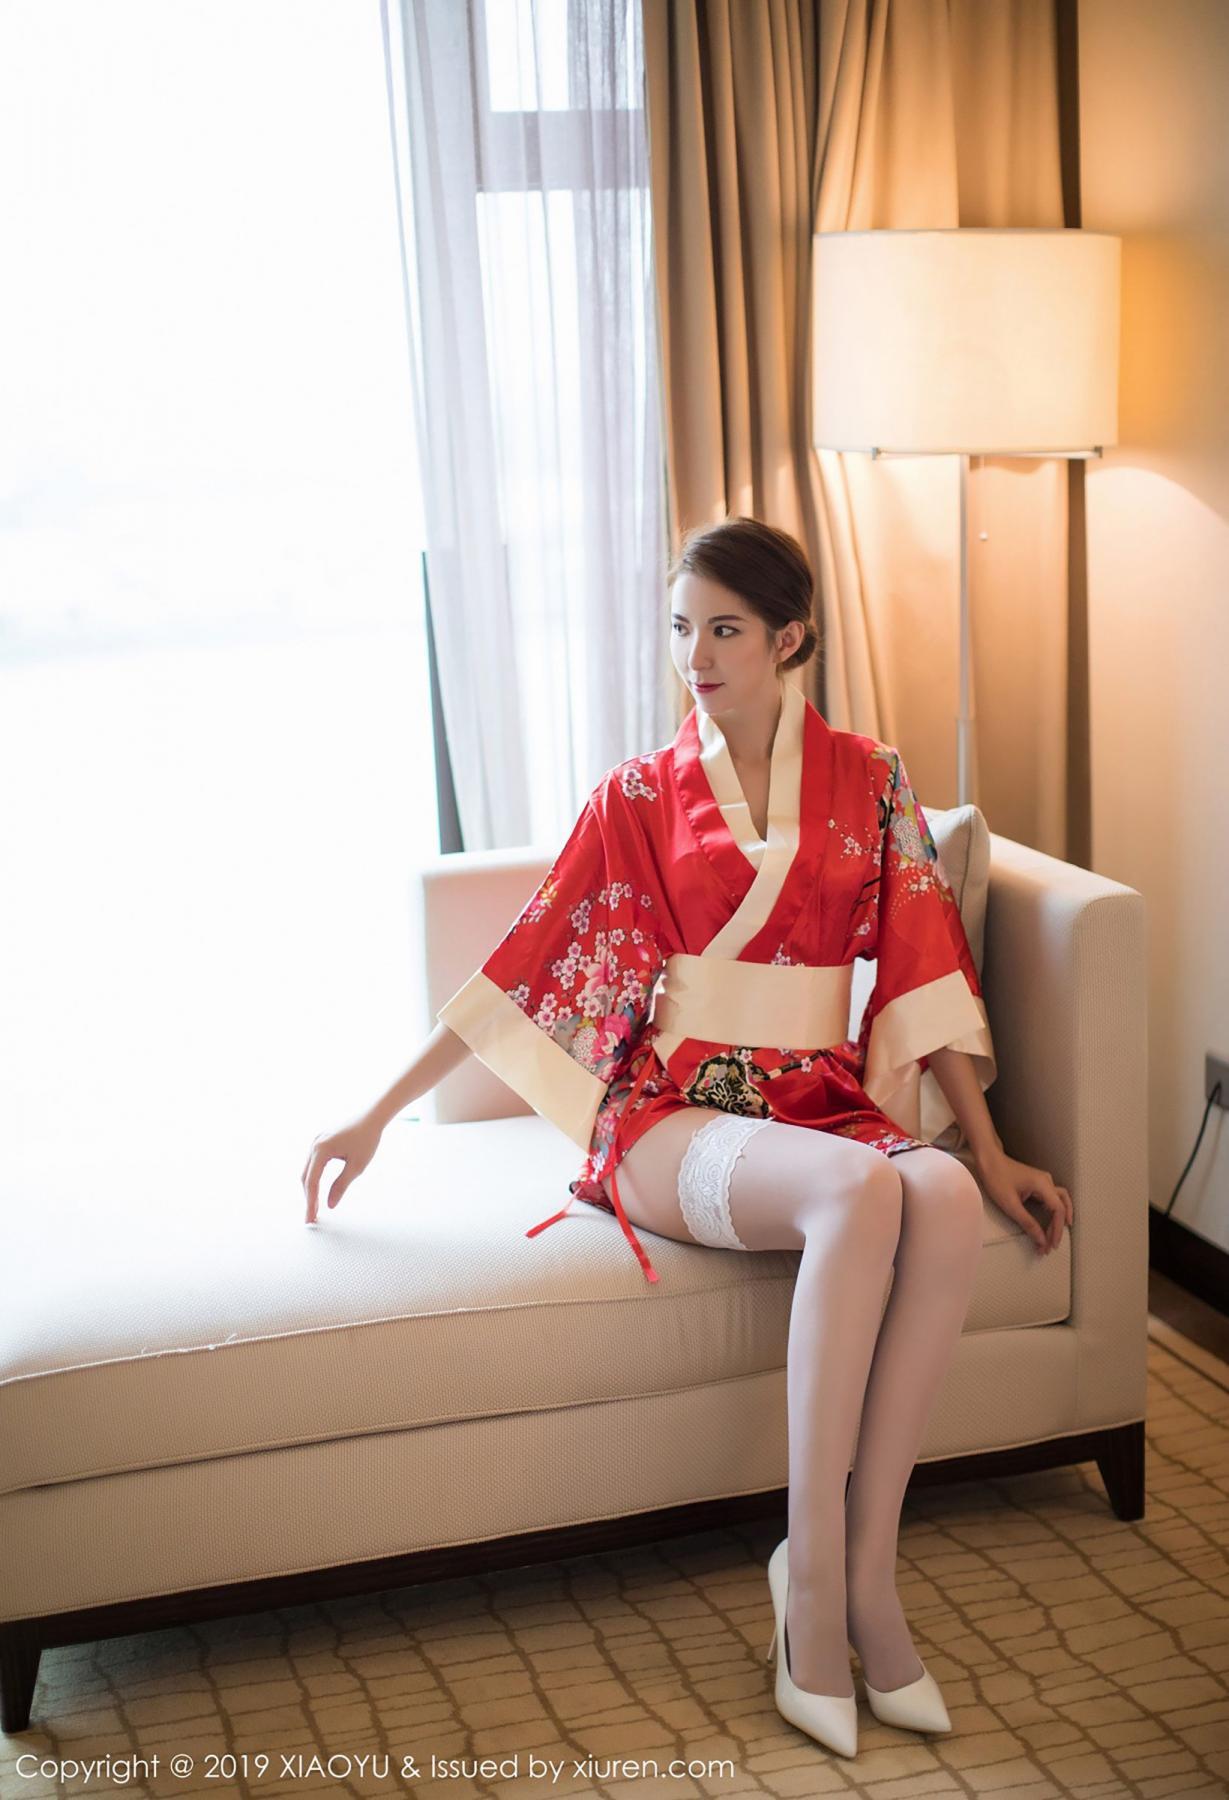 [XiaoYu] Vol.014 Chen Liang Ling 11P, Chen Liang Ling, Kimono, Tall, XiaoYu